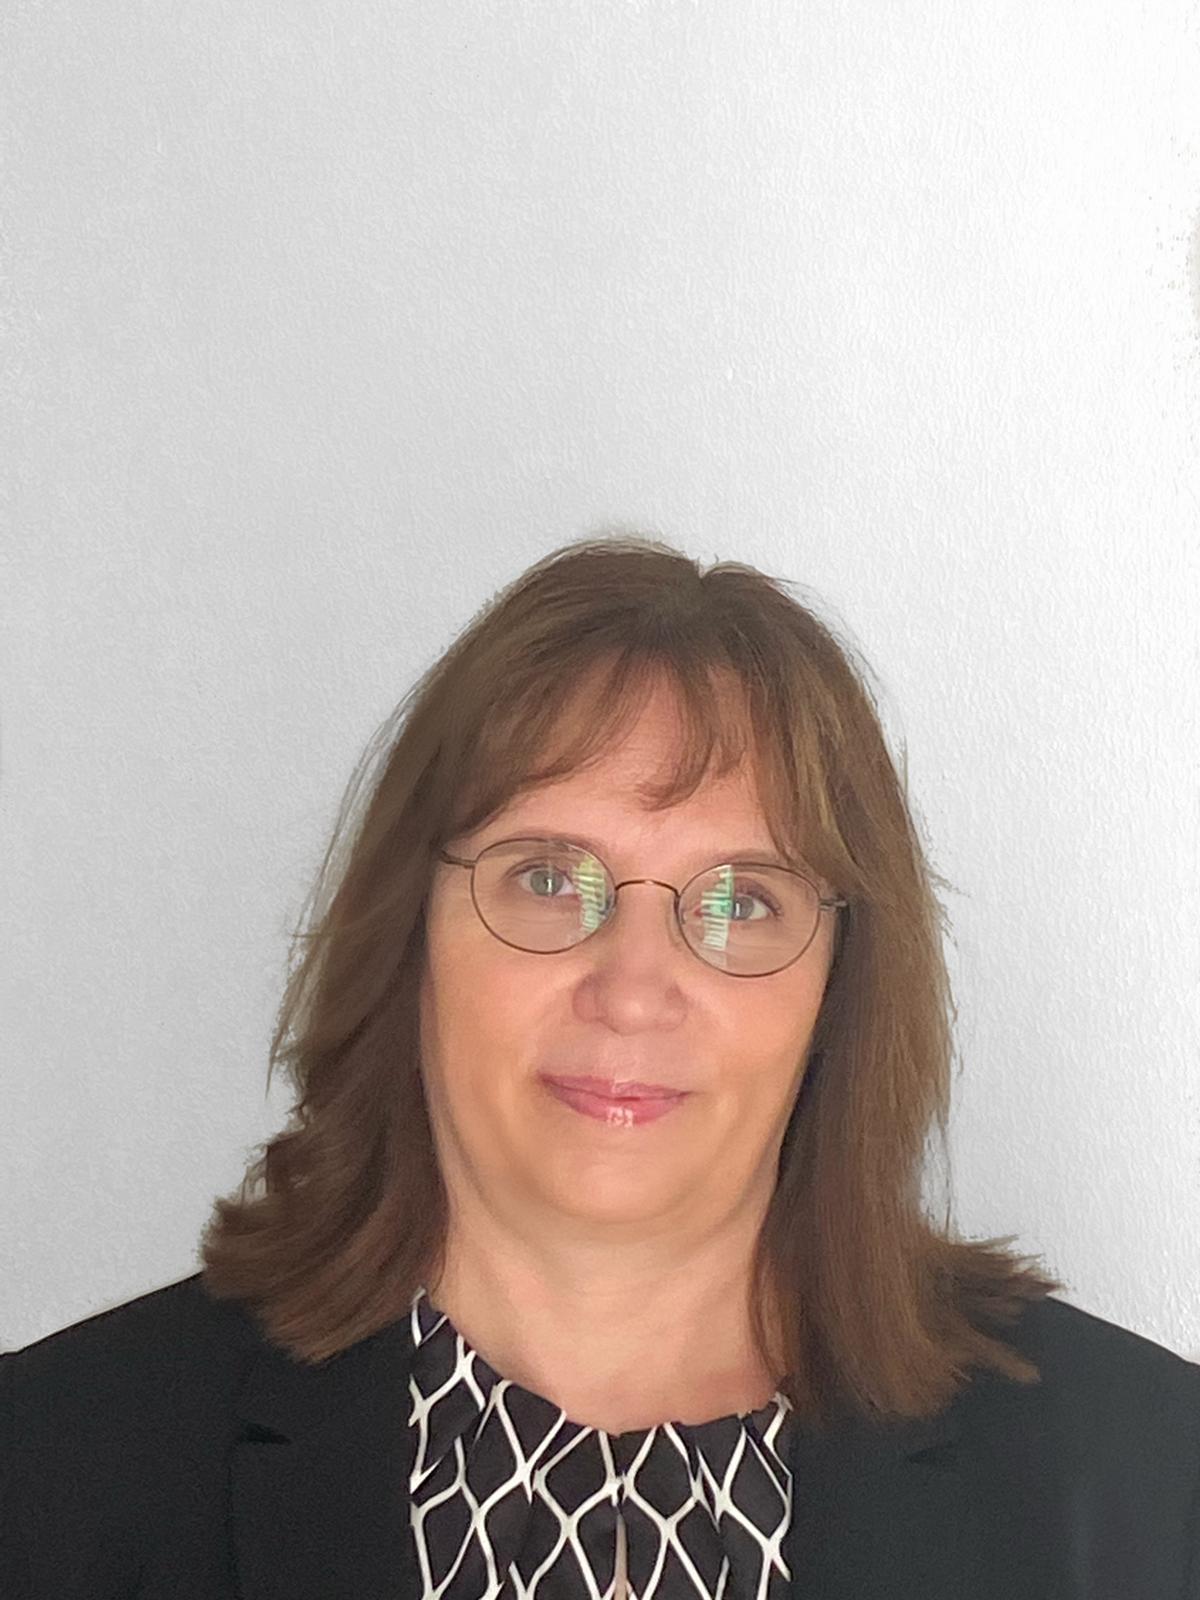 Profilbild Sylvia Pansow